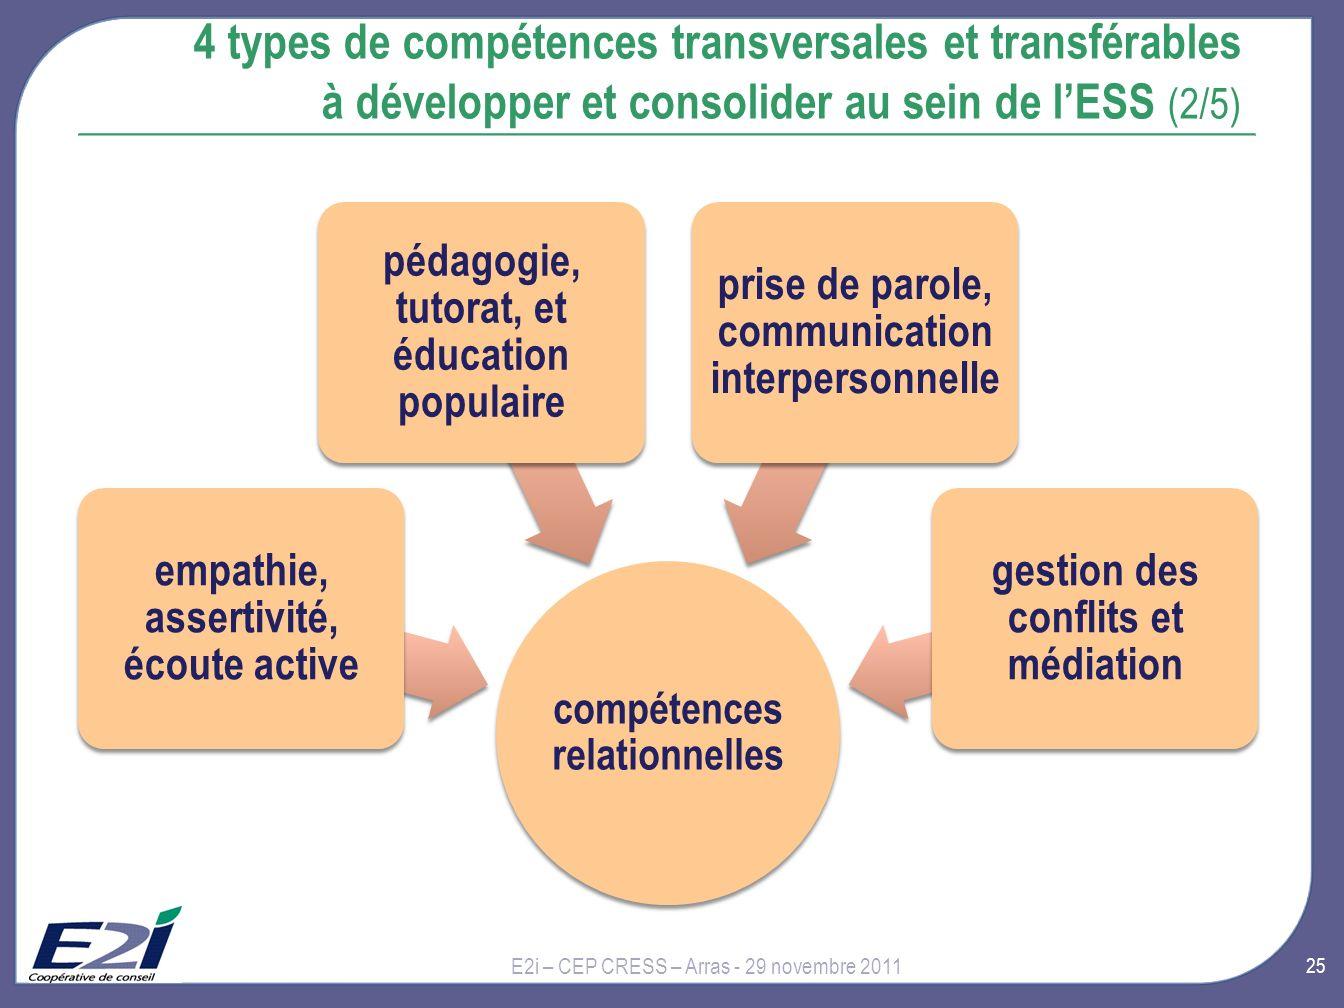 29 novembre 2011 4 types de compétences transversales et transférables à développer et consolider au sein de l'ESS (2/5)